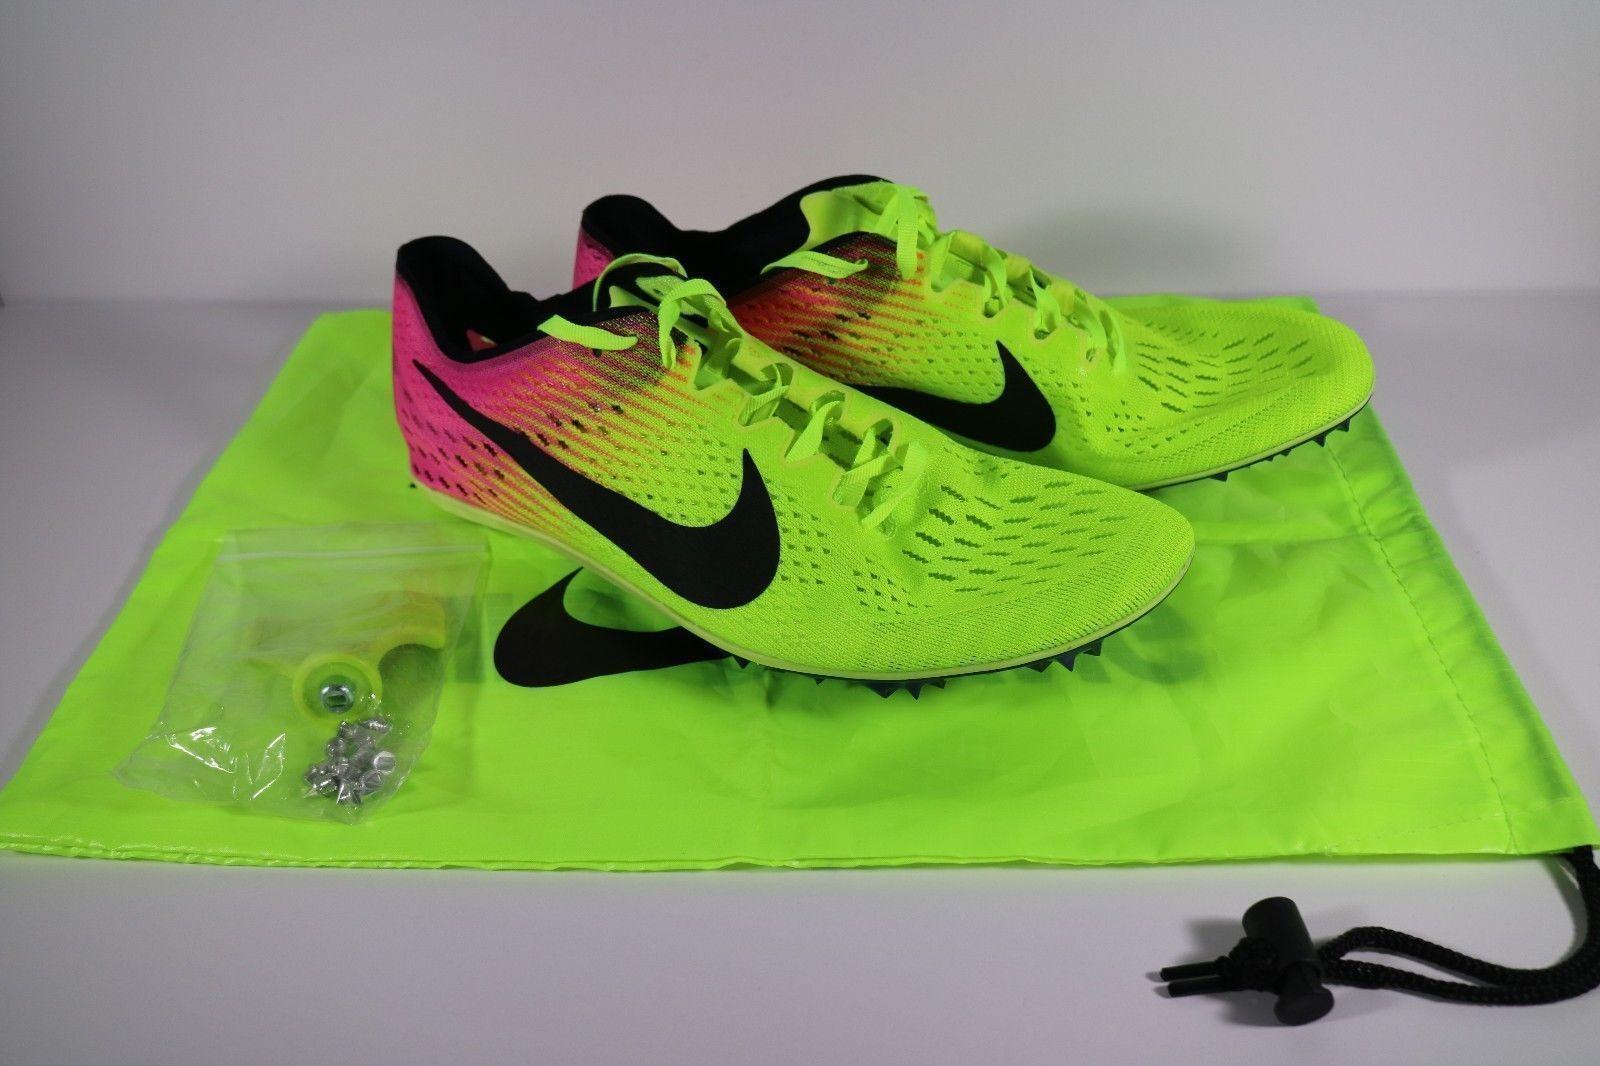 Nike zoom sieg 3 - rio leichtathletik - 3 spikes sz 7.5 - volt - pink - schwarzen 835997-999 24902e